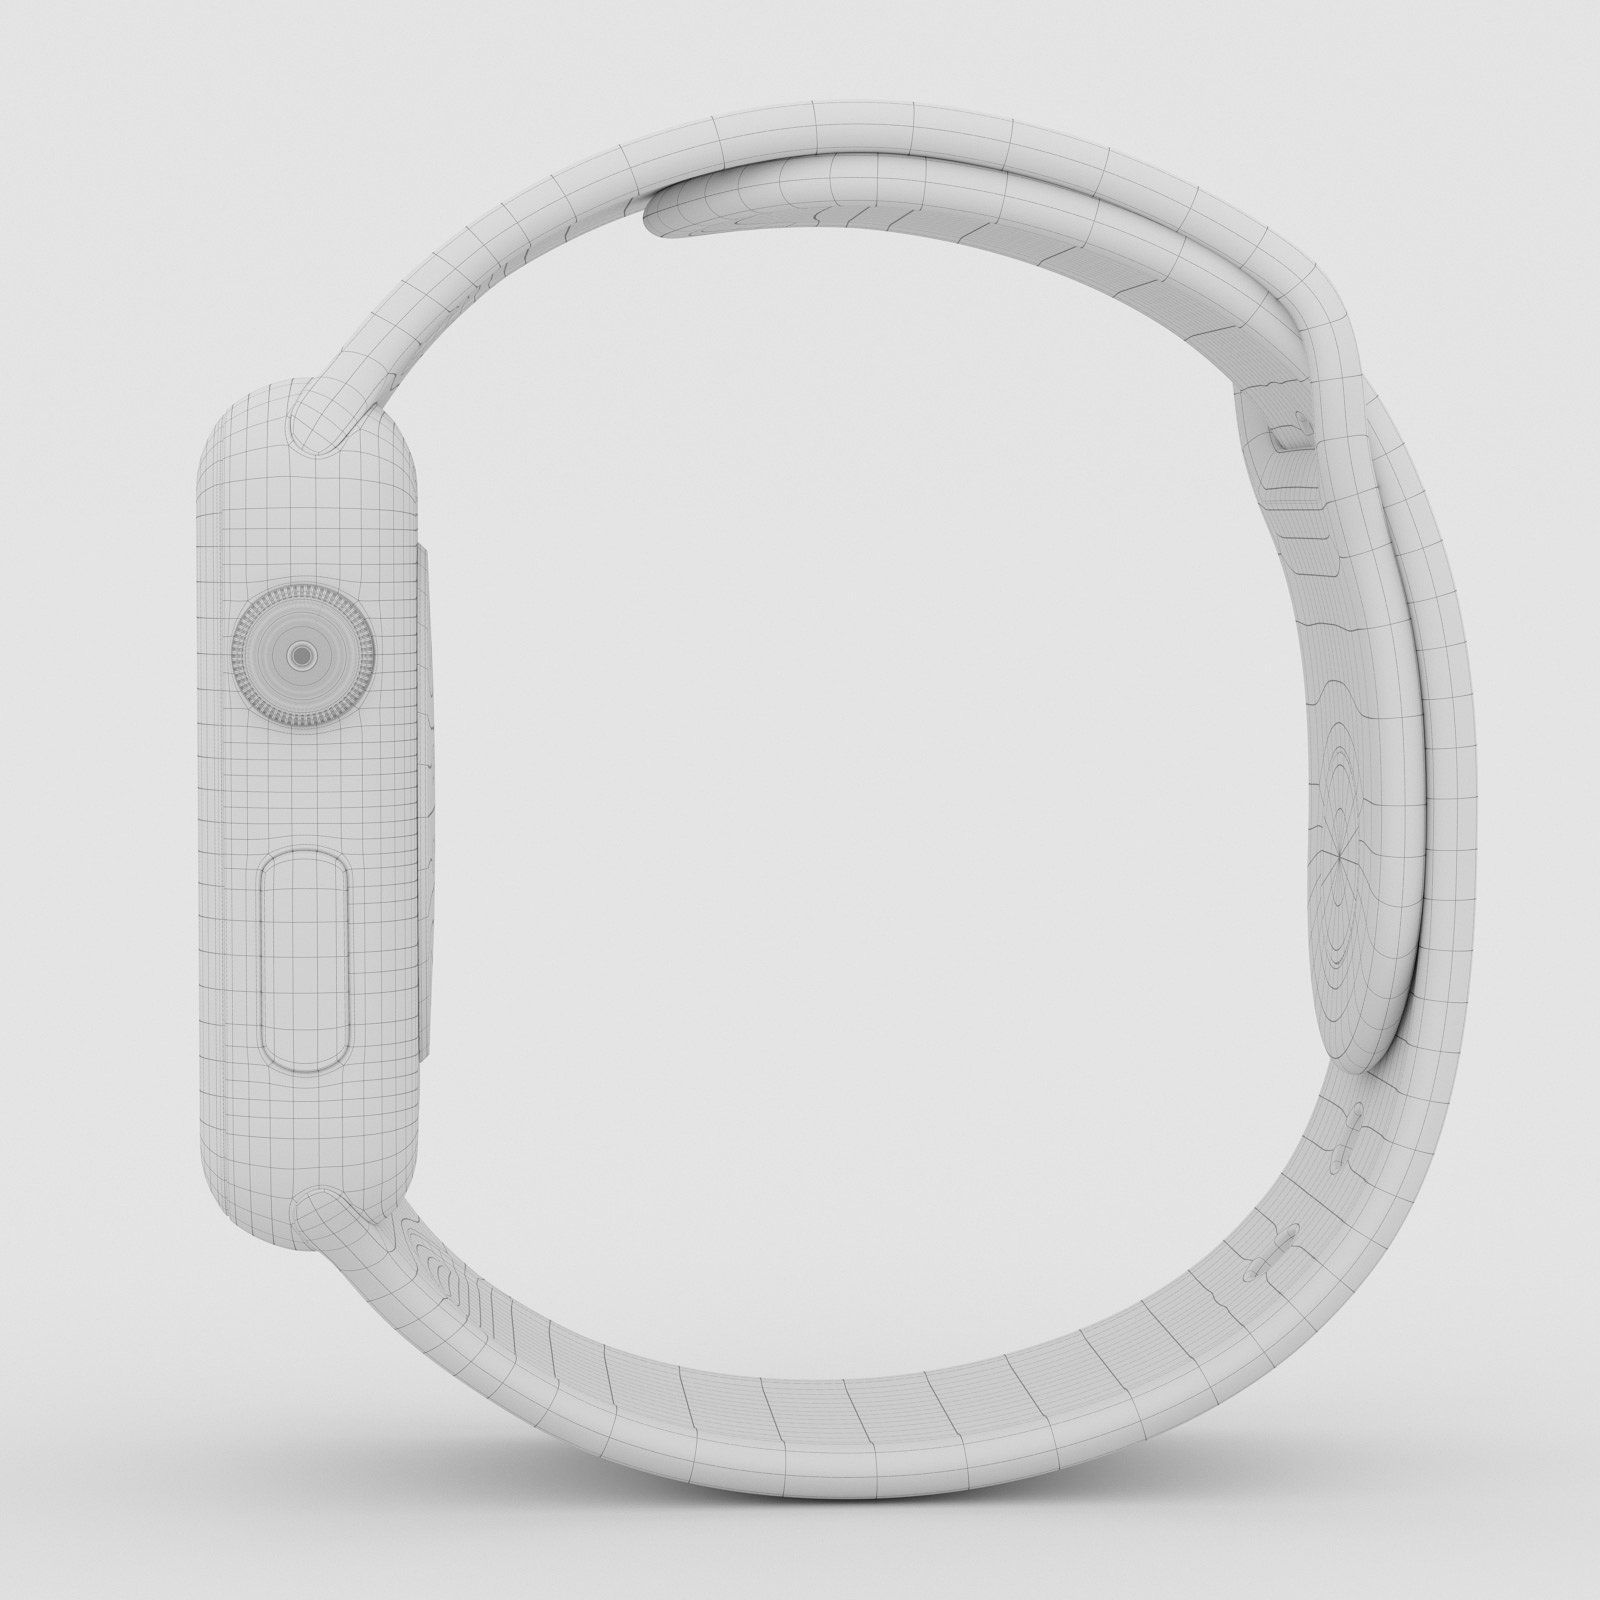 Apple Smart Watch Smart Watch Apple Gps Watch Smart Watch